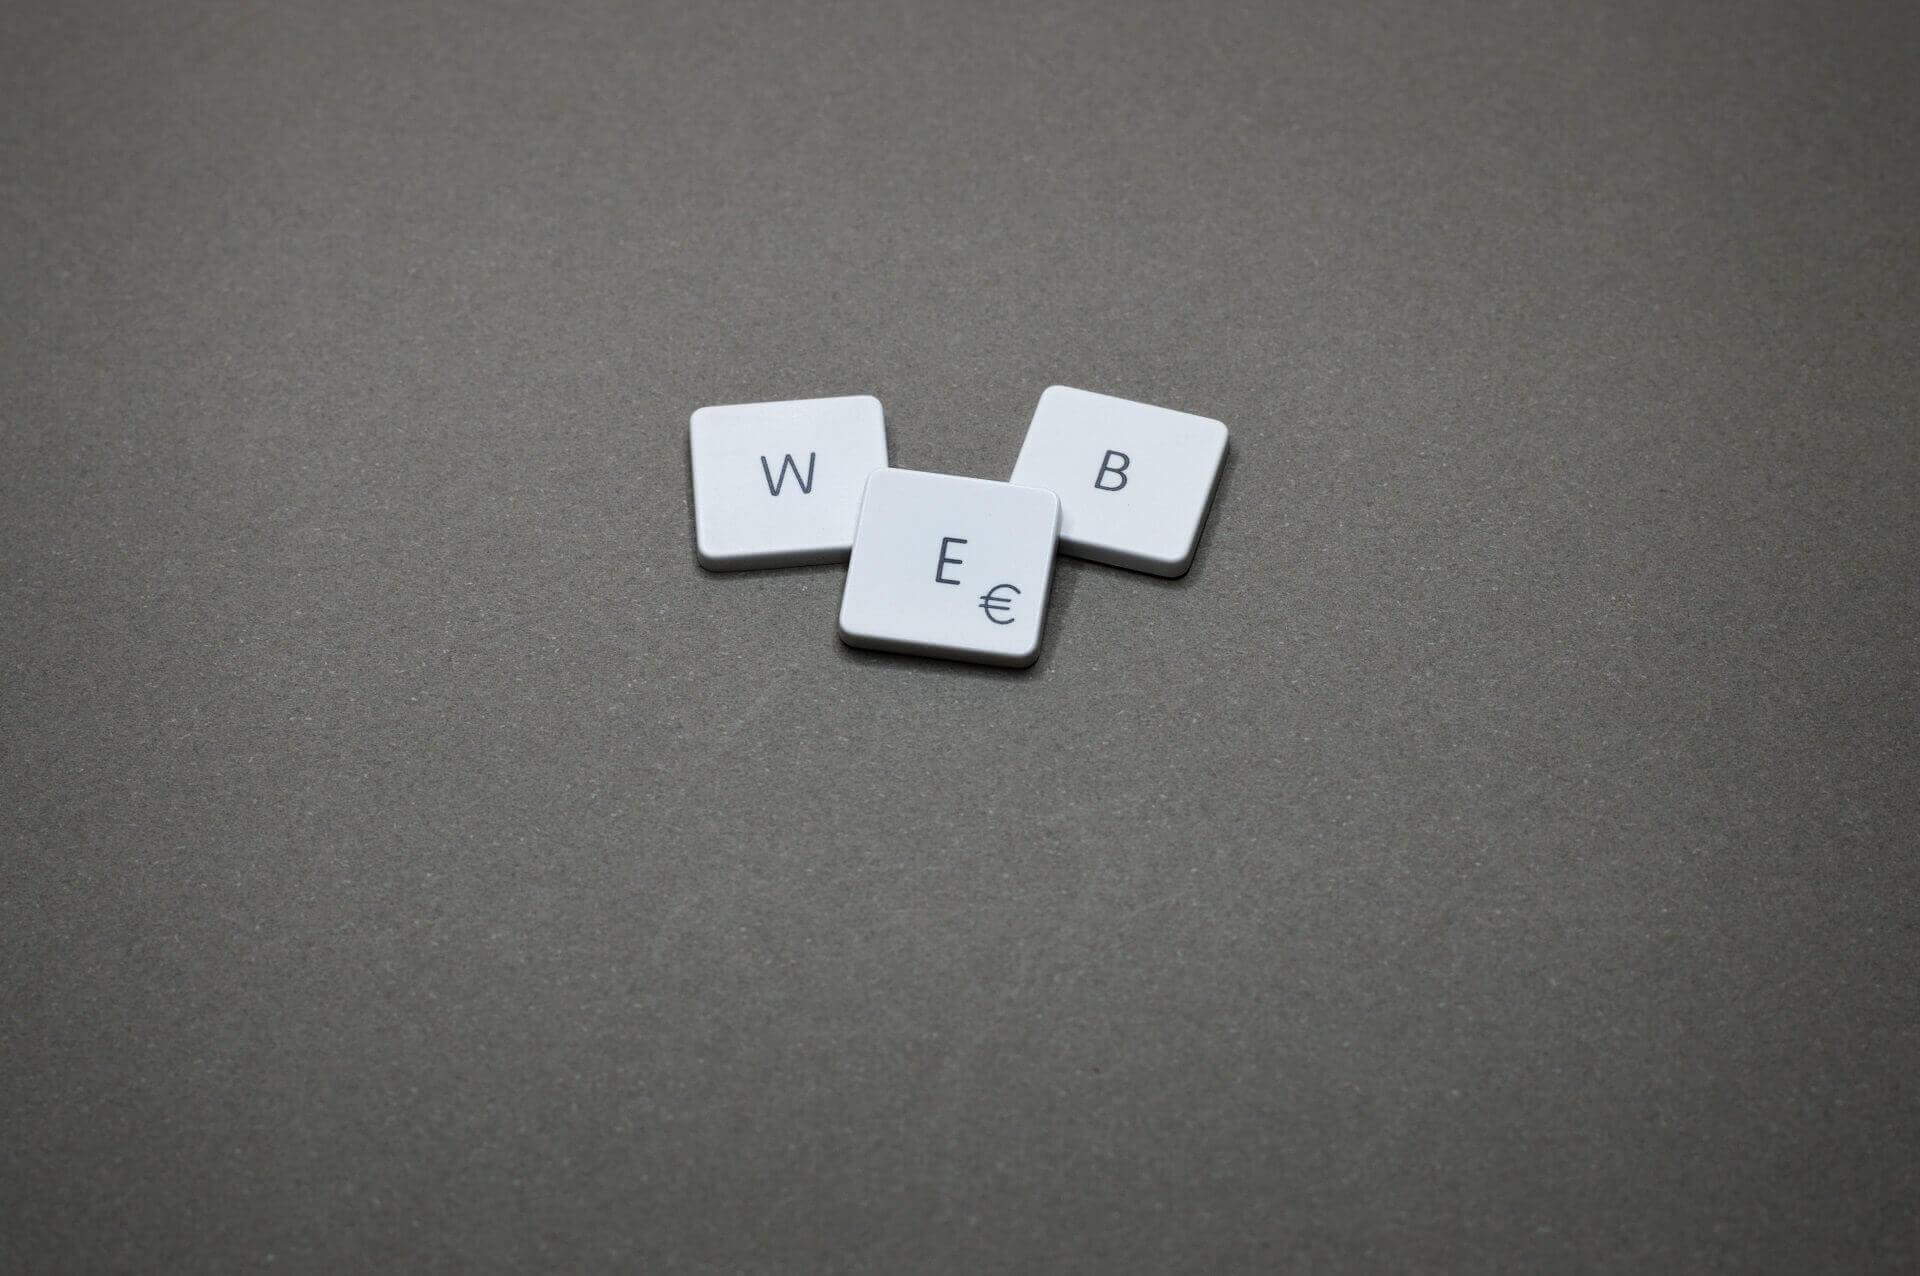 Why Enhencer is Web Based